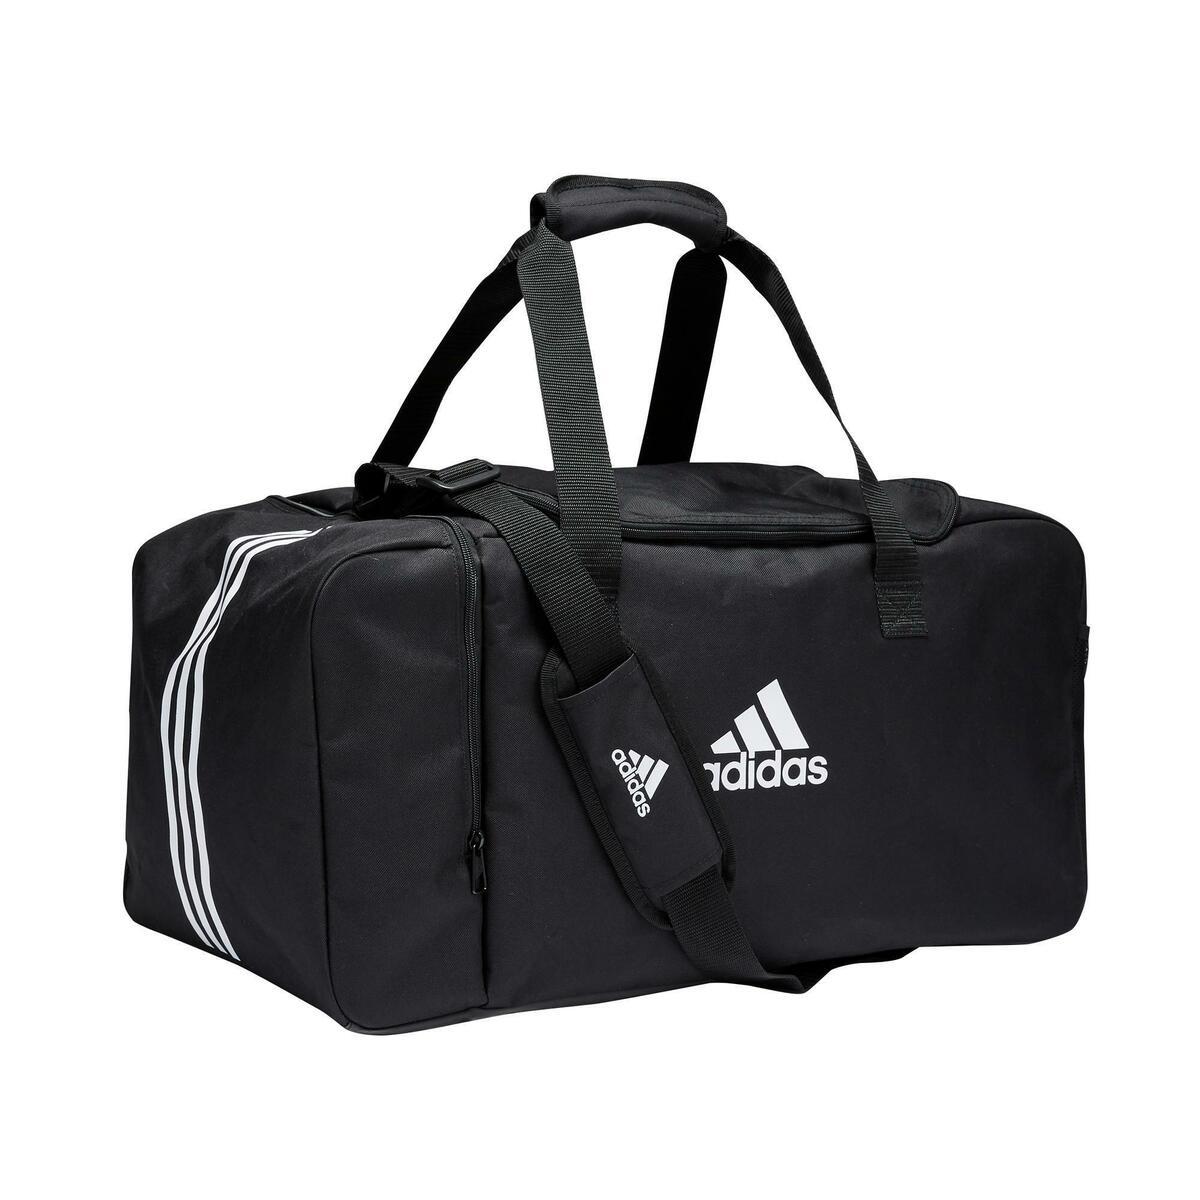 Bild 1 von Sporttasche Tiro Medium